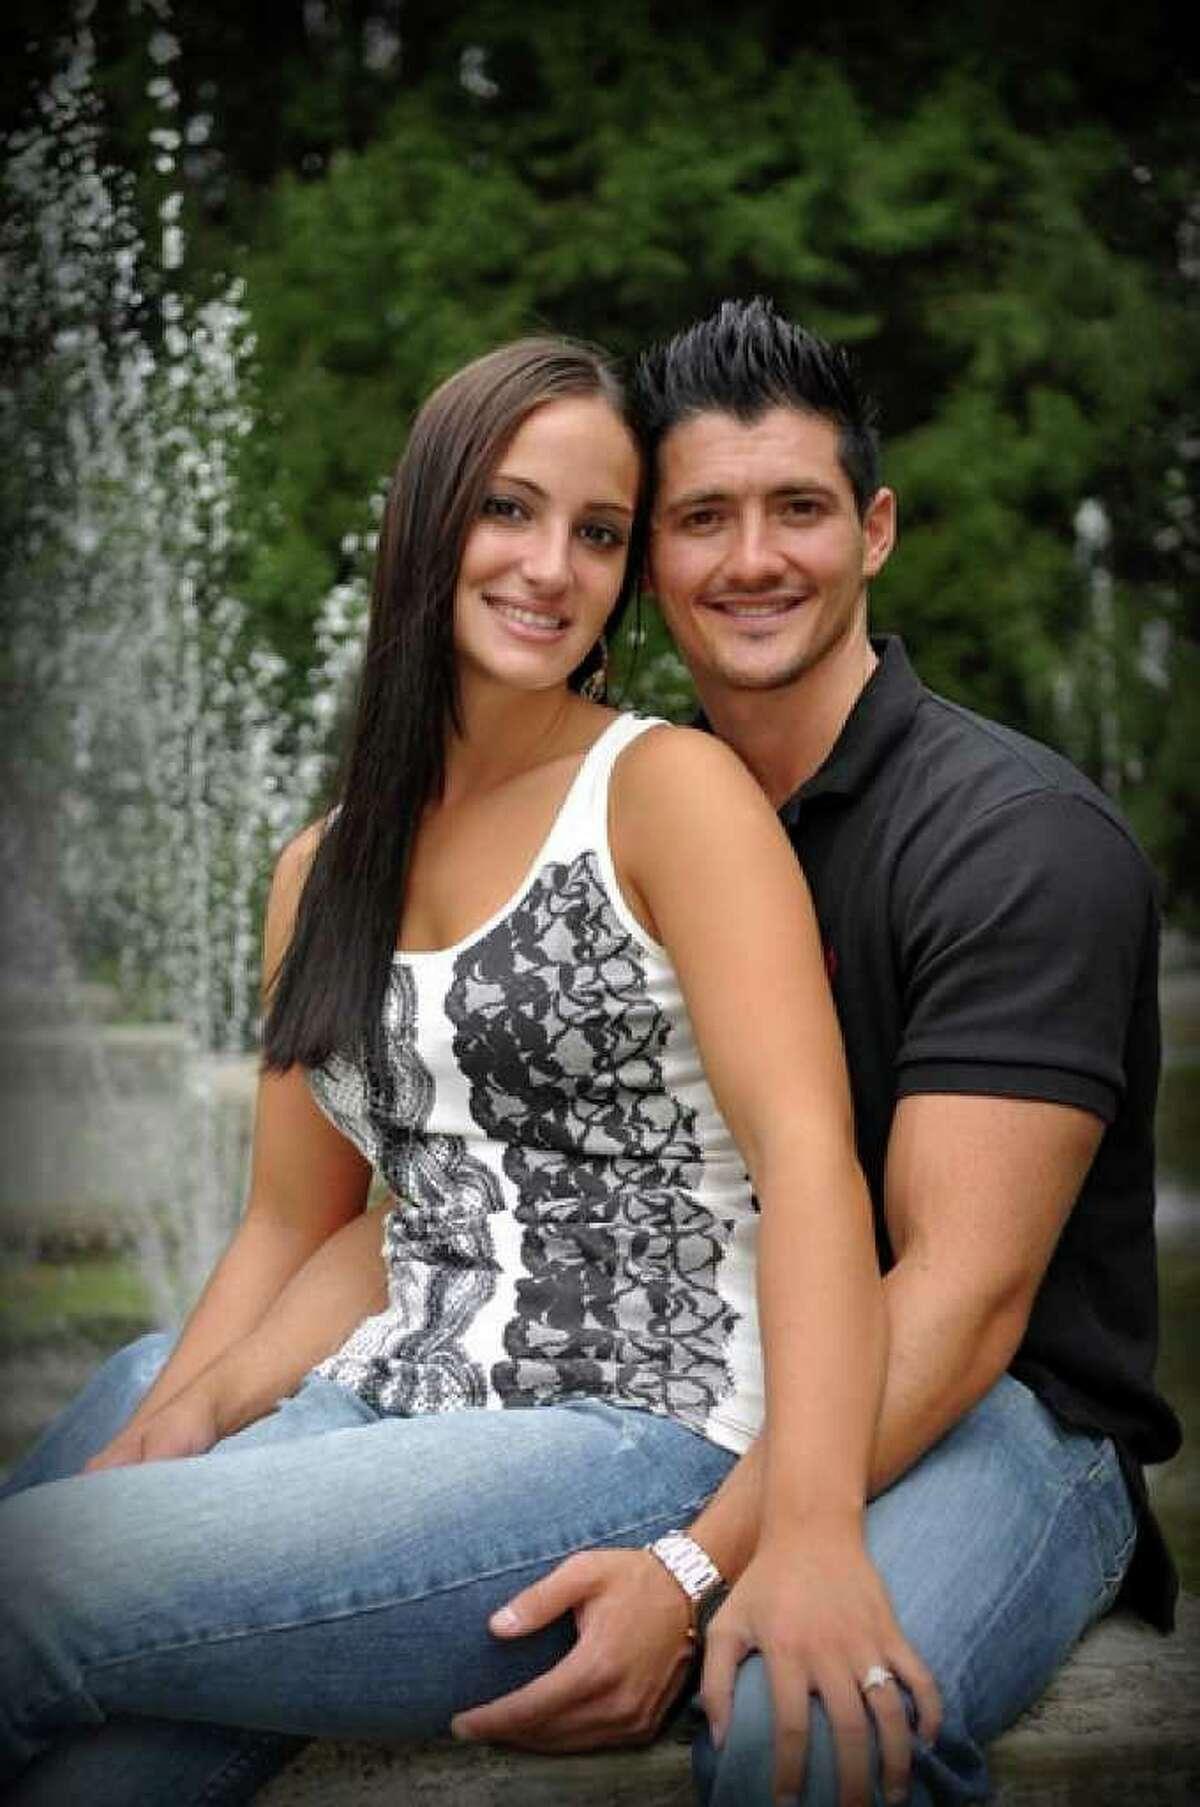 Diana Kwarta and Aaron DeLuca